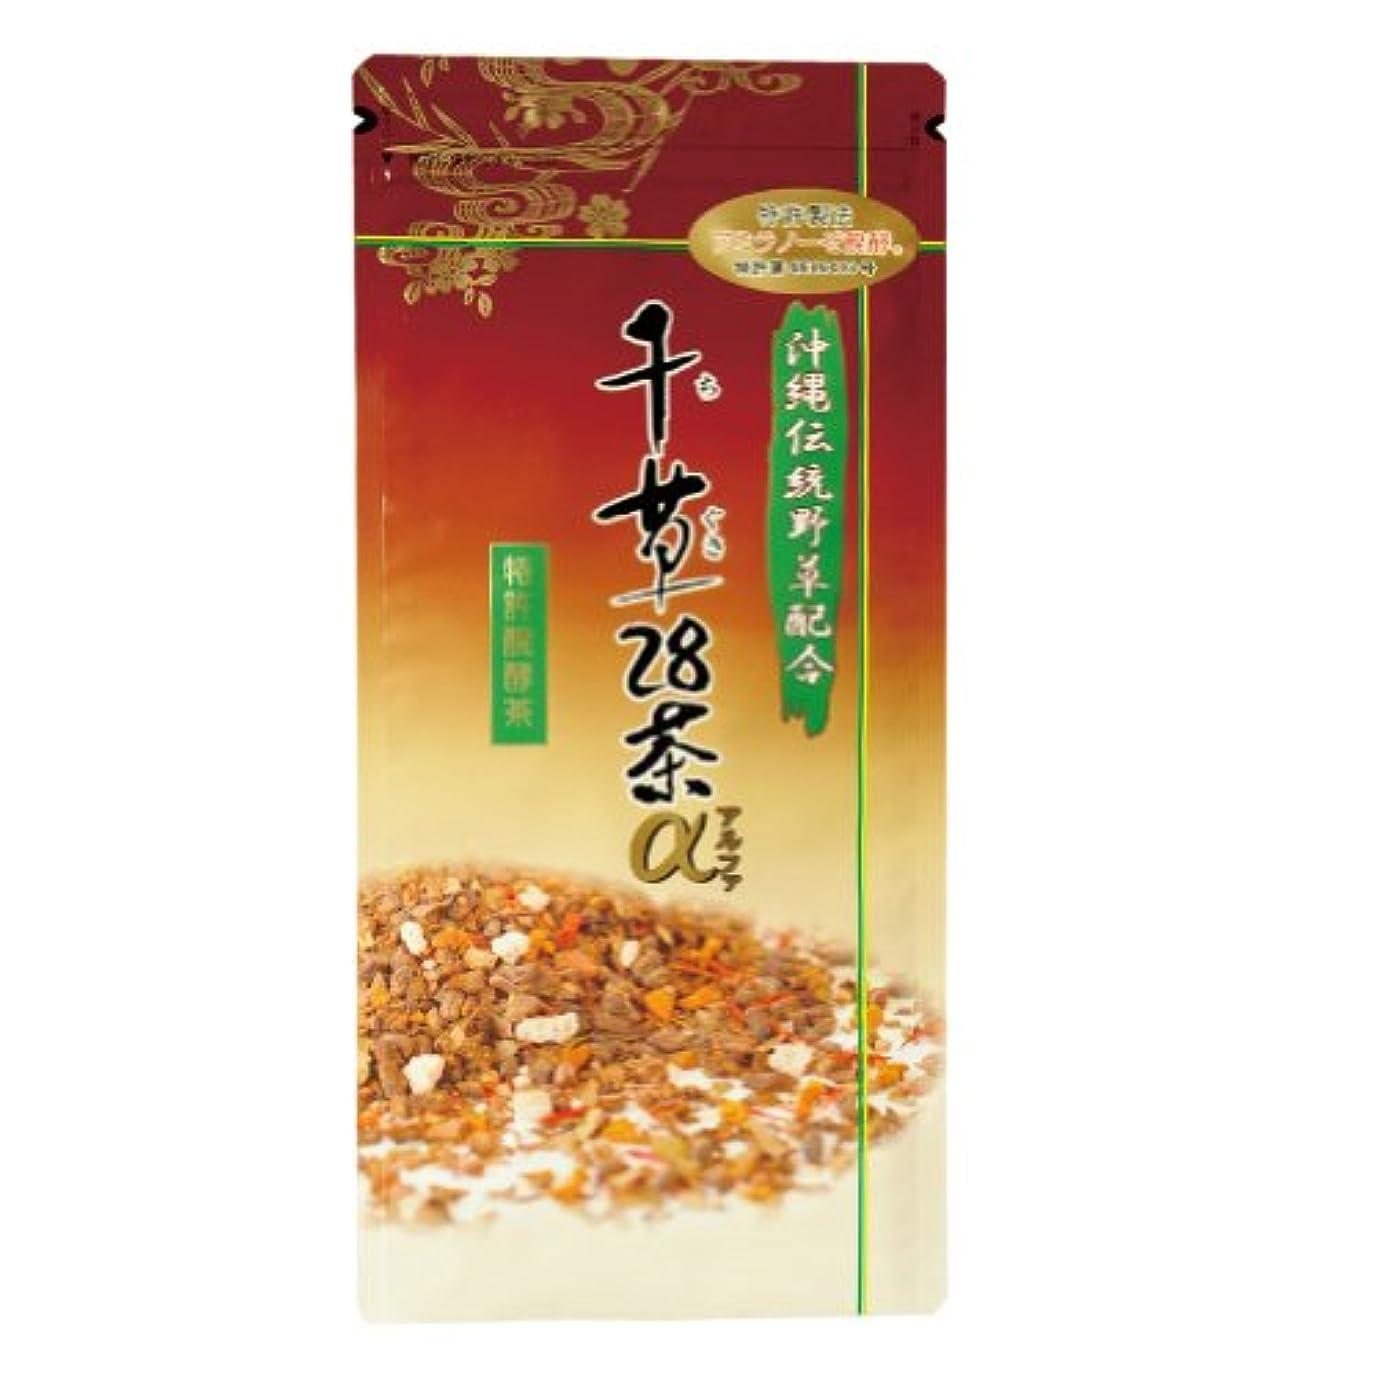 経営者先生スタウト千草28茶α 200g